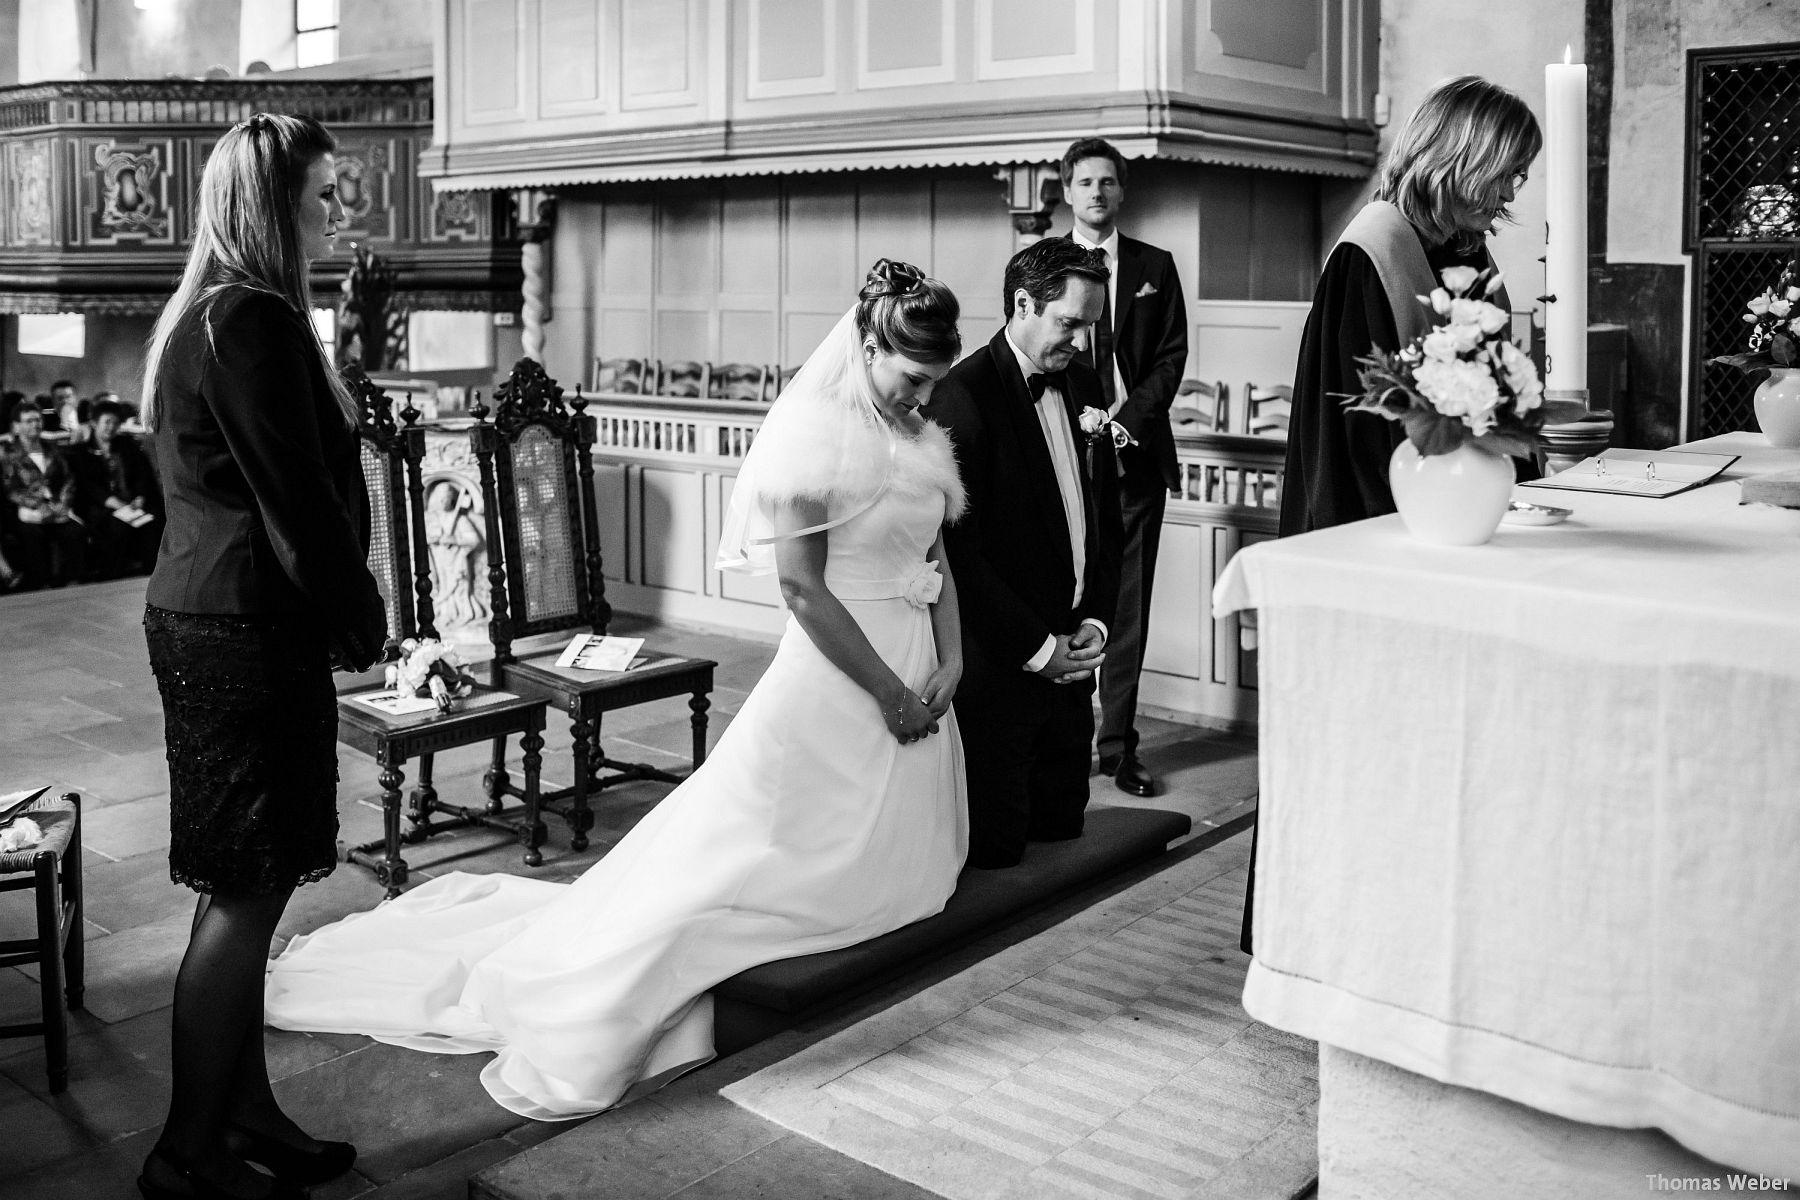 Hochzeitsfotograf Rastede: Kirchliche Trauung in der St. Ulrichs Kirche Rastede und Hochzeitsfeier in der Eventscheune St Georg Rastede mit dem Catering von Michael Niebuhr aus Oldenburg (29)